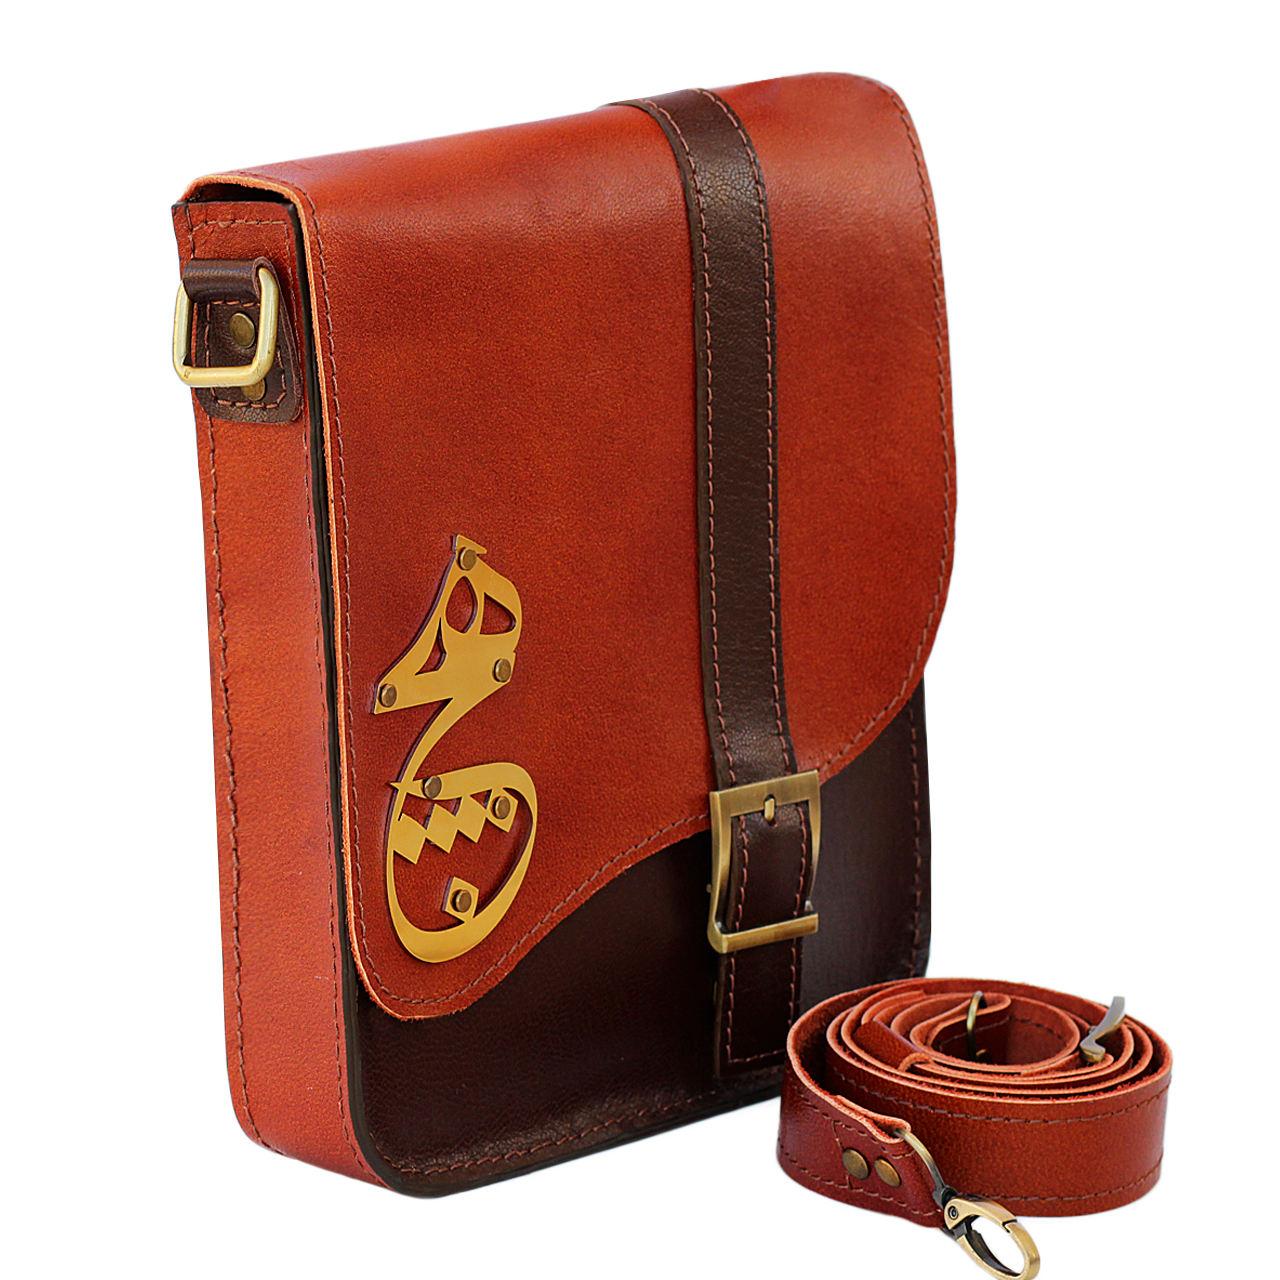 کیف دوشی مردانه مدل هیچ کد Hgh -  - 6